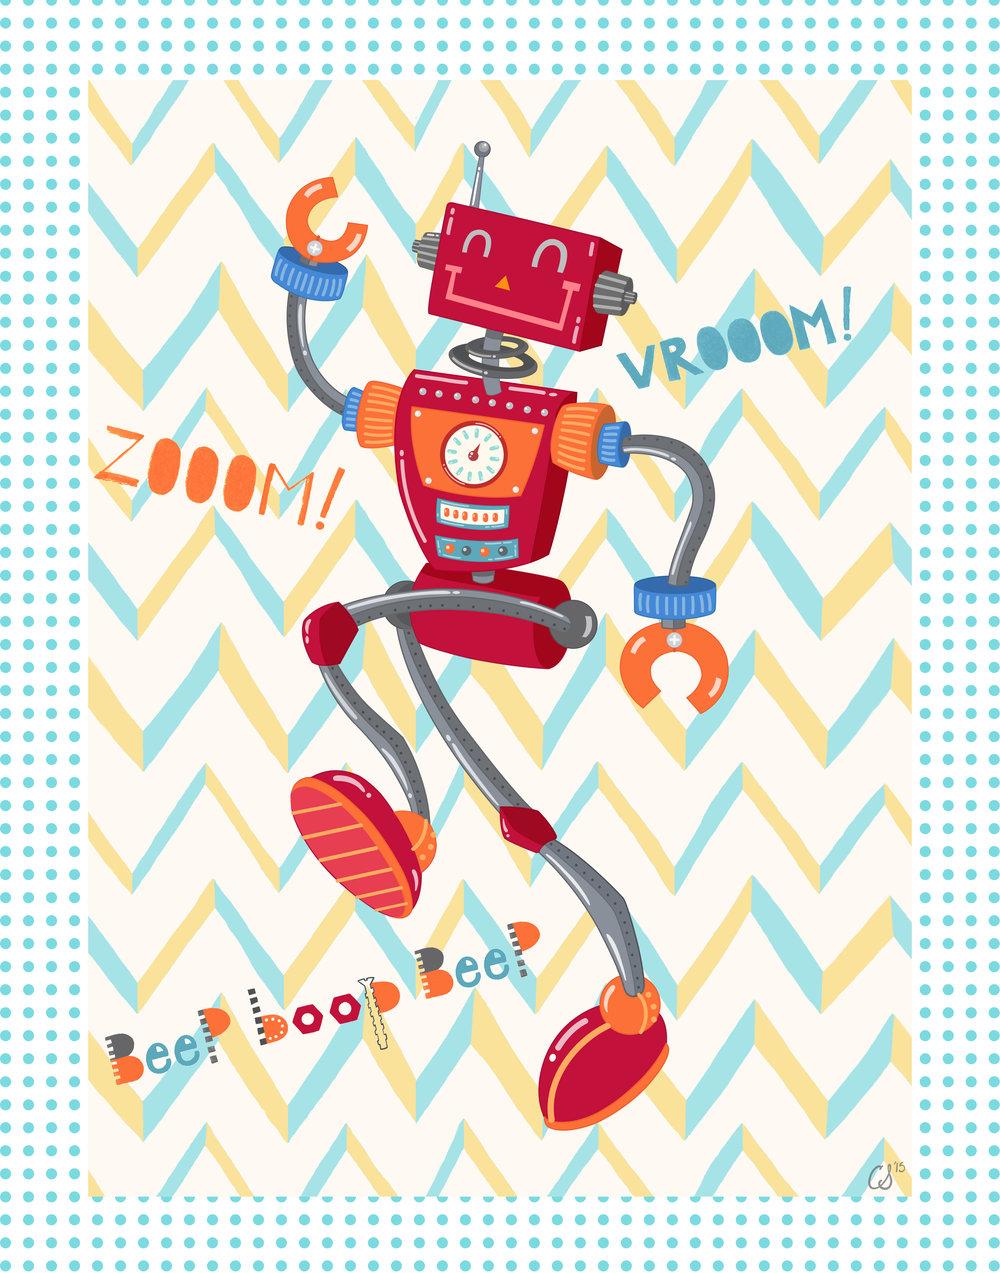 Zoom Robot